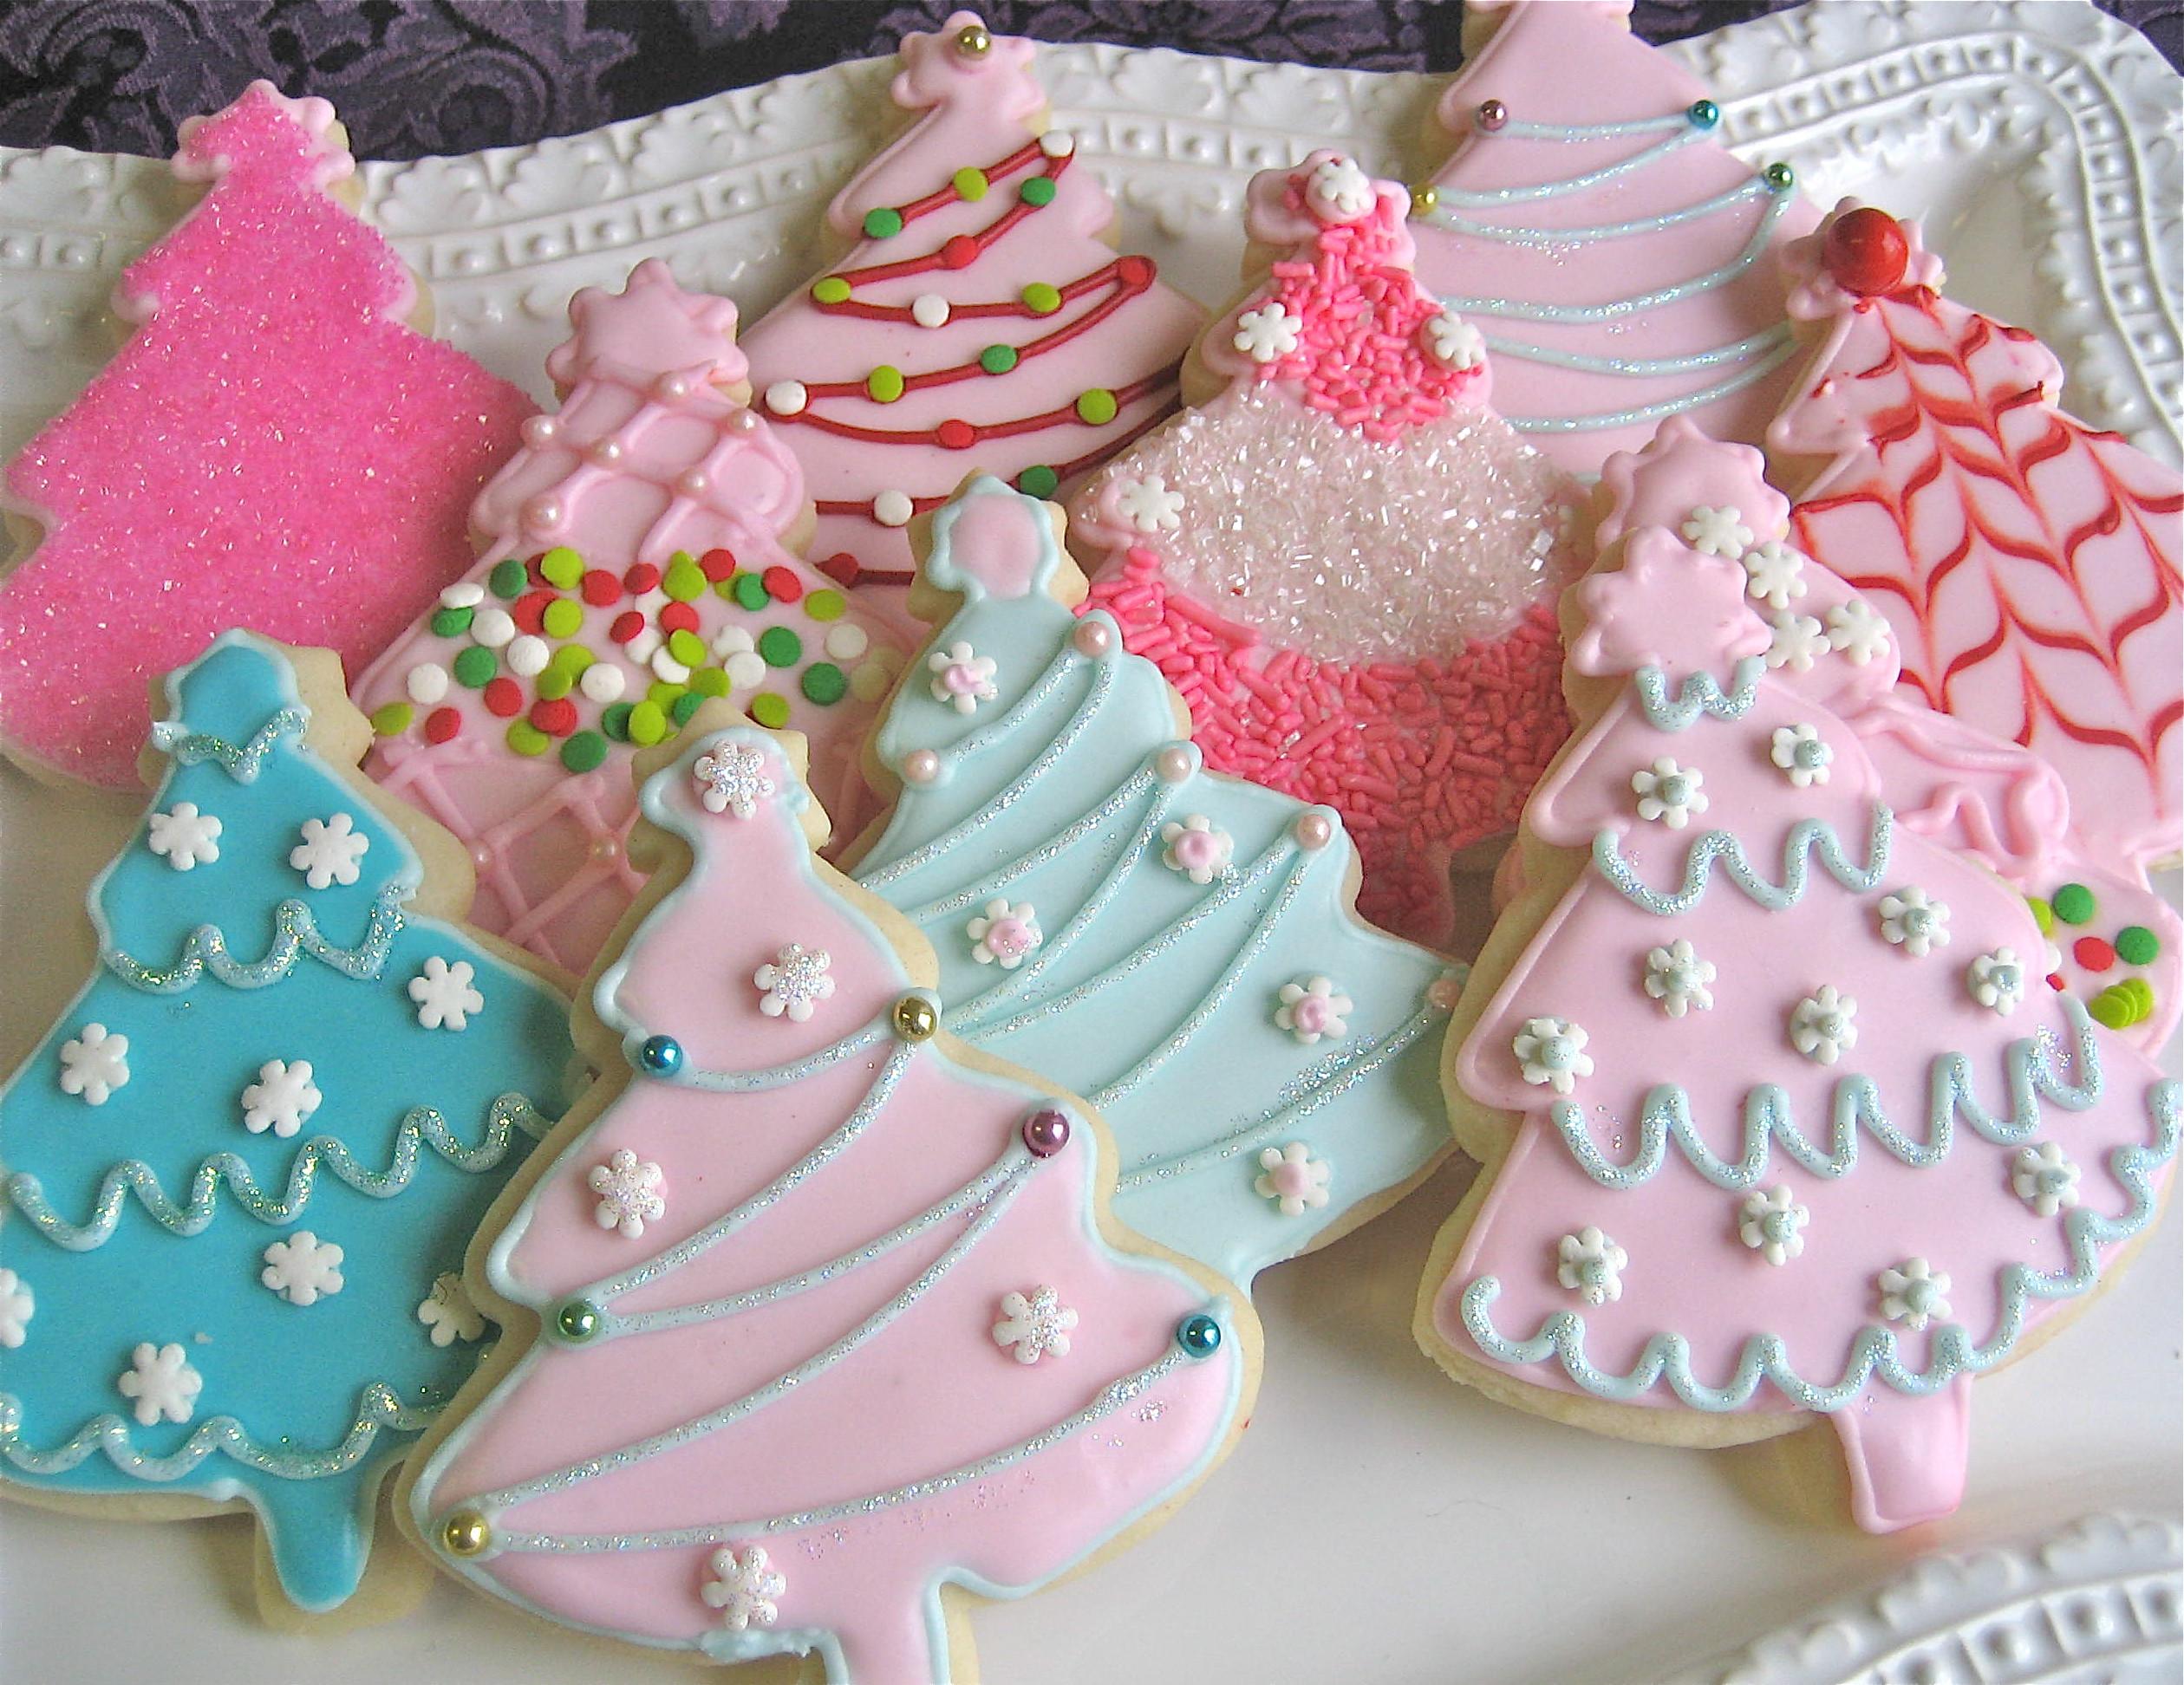 Christmas Cutout Cookies  Christmas Cutout Cookies – Ornaments & Trees